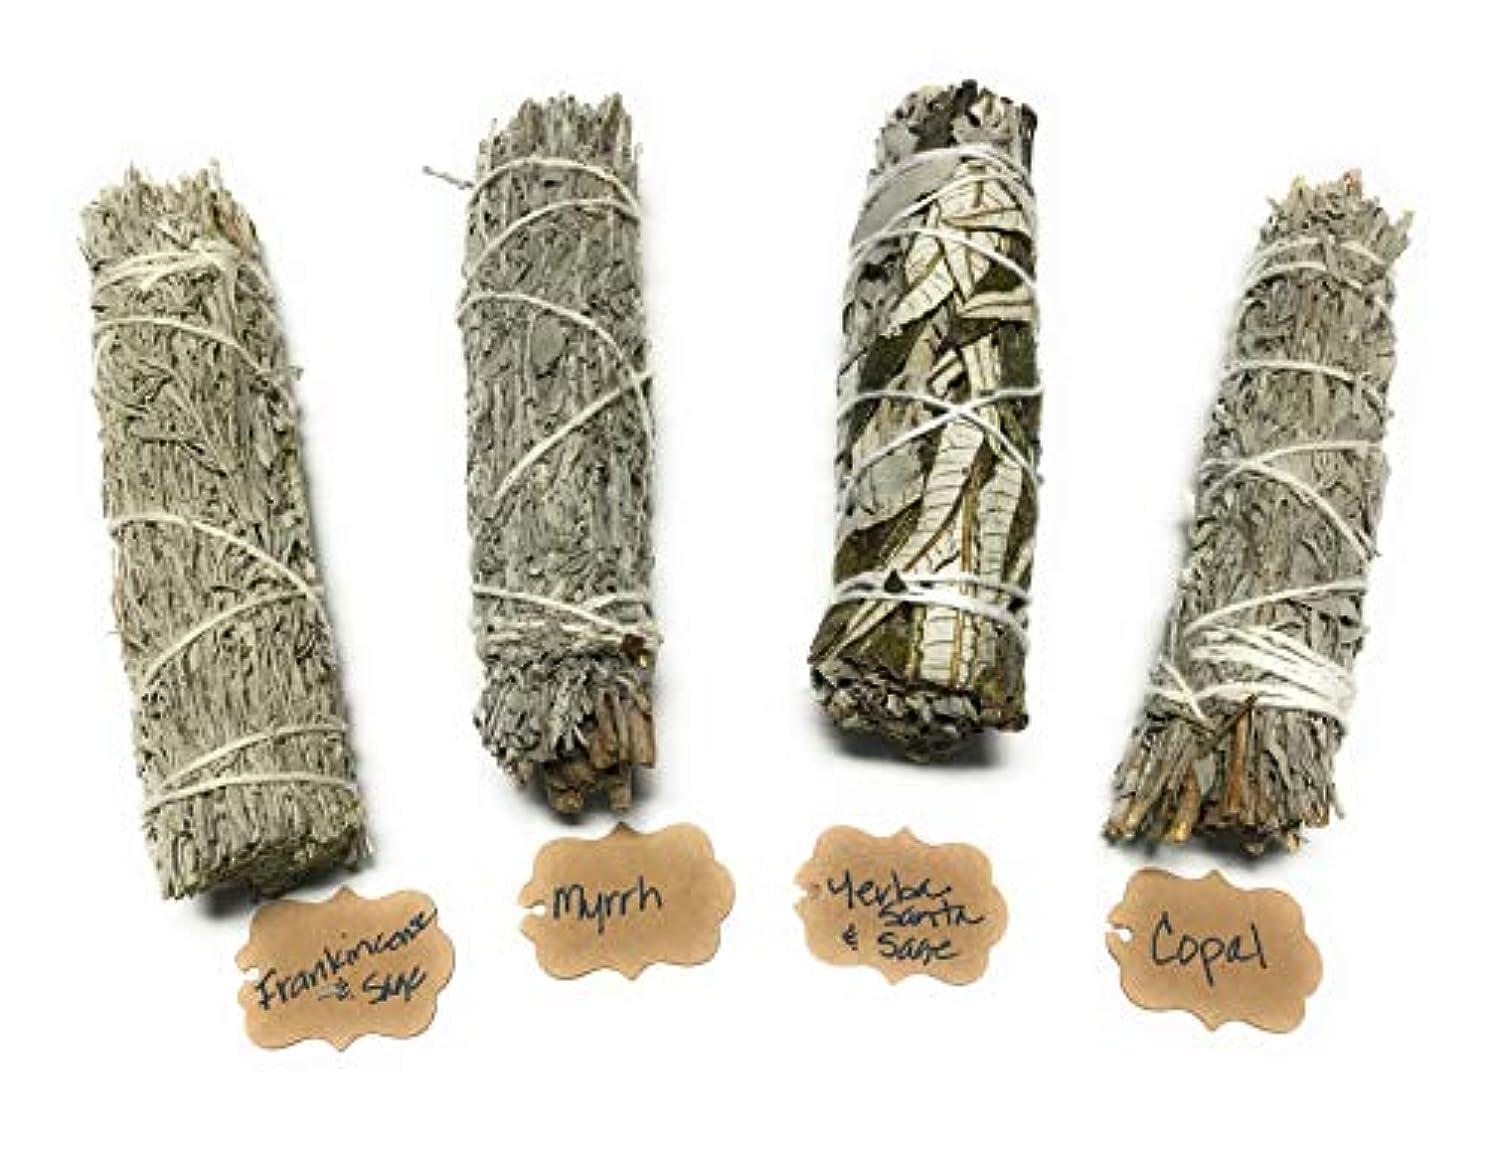 覗く放棄ミュートArianna Willow Mystical バラエティスマッジスティック Copal、Frankincense、Myrrh、Yerba Santaを含む